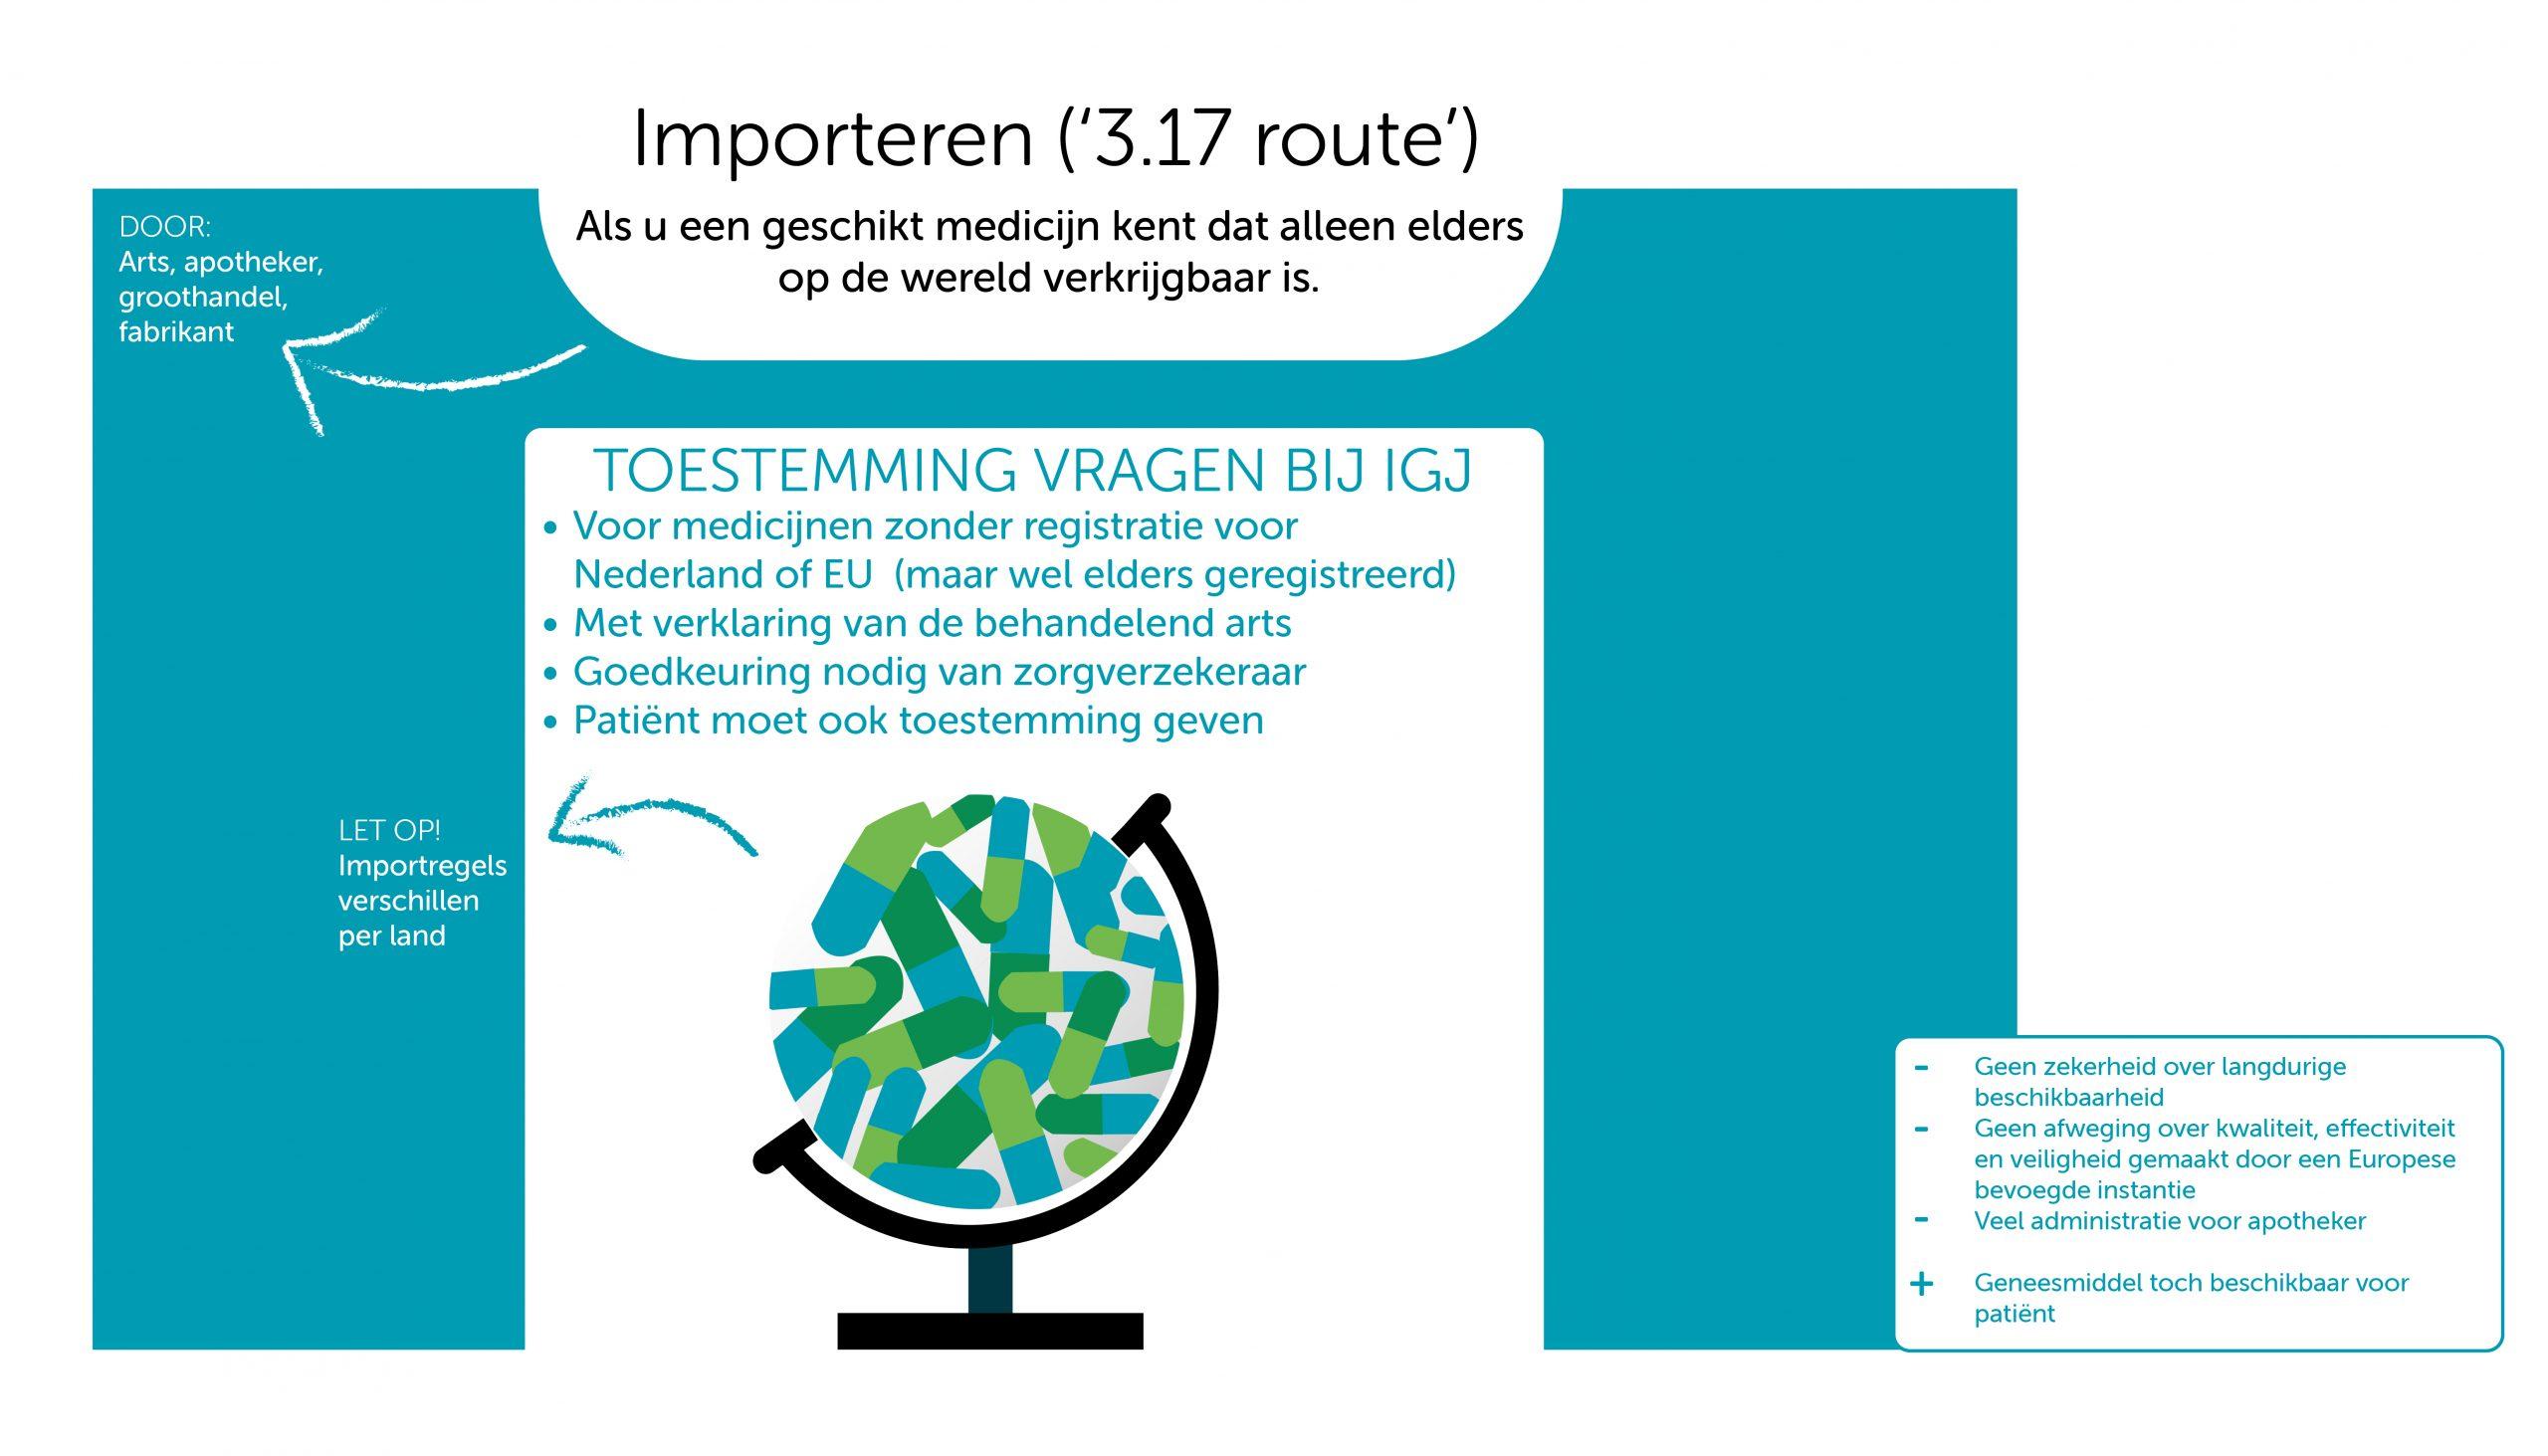 IMPORTEREN (DE 3.17 ROUTE) - ALS U EEN GESCHIKT medicijn kent dat alleen elders op de wereld verkrijgbaar is. Door: arts, apotheker, groothandel, fabrikant. TOESTEMMING VRAGEN BIJ IGJ -Voor geneesmiddelen zonder registratie voor nederland of EU (maar wel elders geregistreerd) -Met verklaring van de behandelend arts -Goedkeuring nodig van zorgverzekeraar -Patiënt moet ook toestemming geven LET OP importregels verschillend per land Nadeel 1: Geen zekerheid over langdurige beschikbaarheid Nadeel 2: geen afweging over kwaliteit, effectiviteit en veiligheid gemakat door een Europese bevoegde instantie Nadeel 3: Veel administratie voor apotheker  Voordeel 1: Geneesmiddel toch beschikbaar voor patiënt.